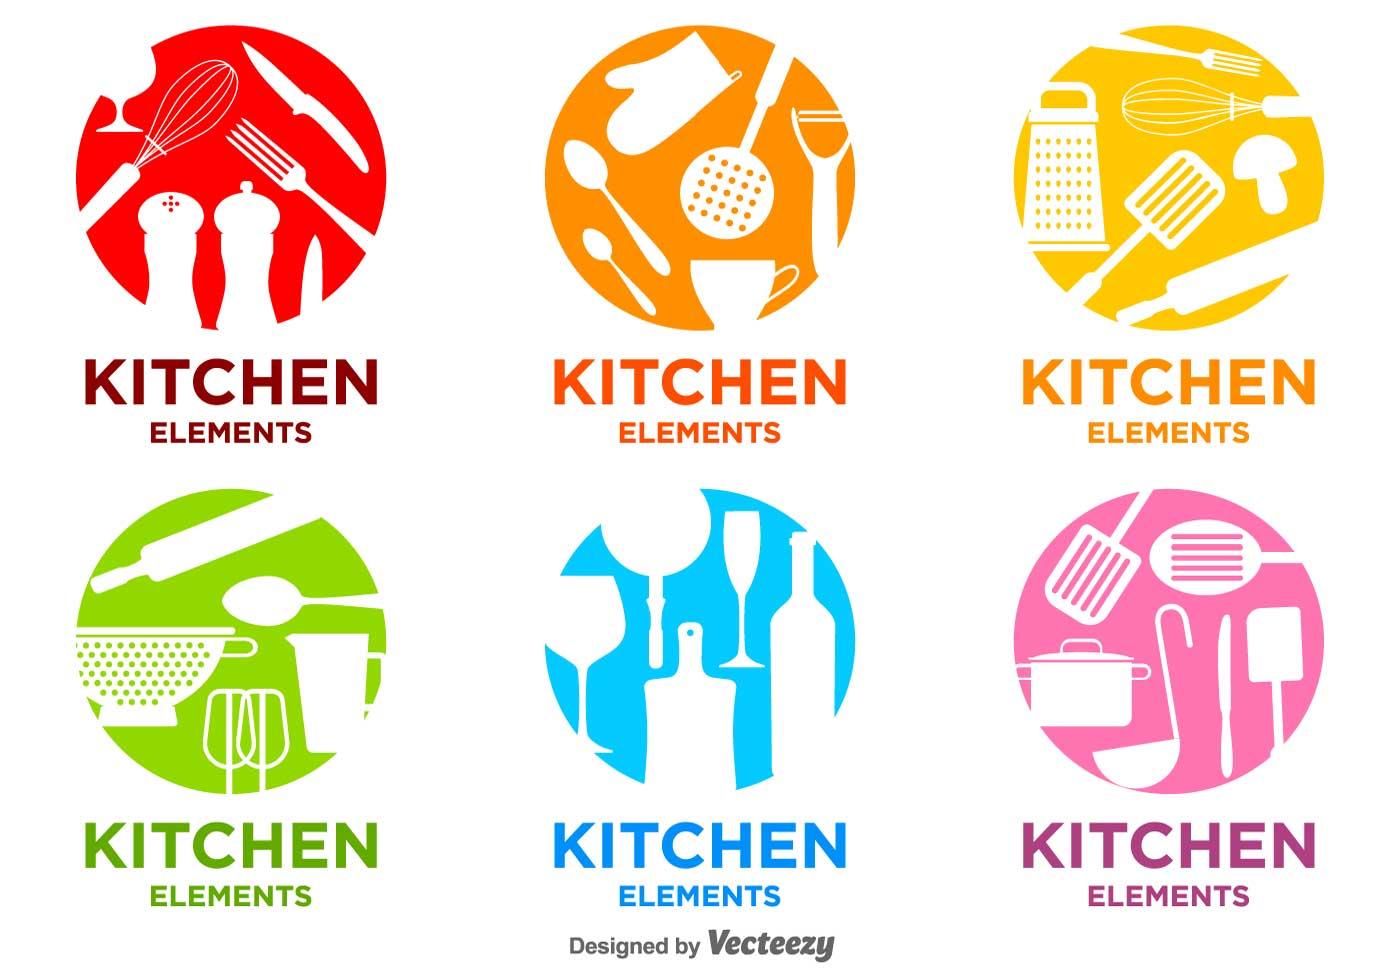 Cocina brillante Logos Vector - Descargue Gráficos y Vectores Gratis